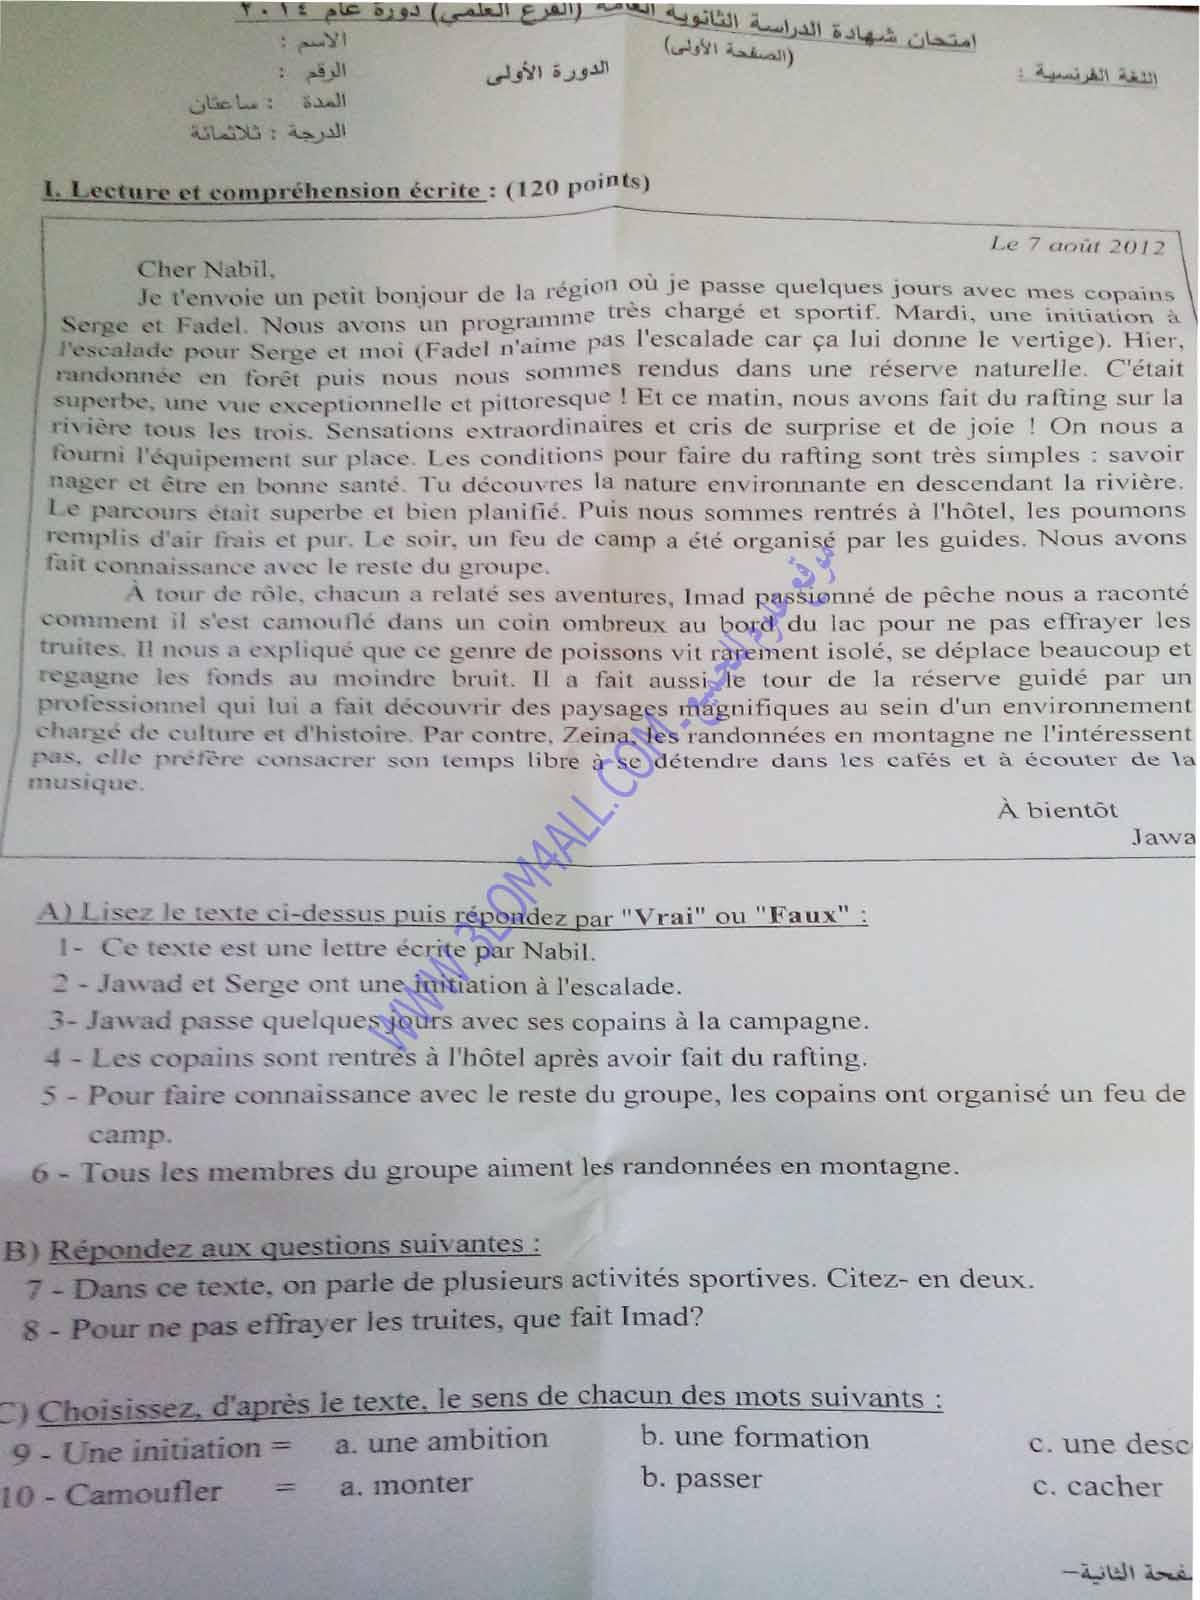 وزارة التربية قي سوريا : ورقة امتحان مادة اللغة الفرنسية شهادة الدراسة الثانوية العامة دورة 2014 الأدبي و العلمي